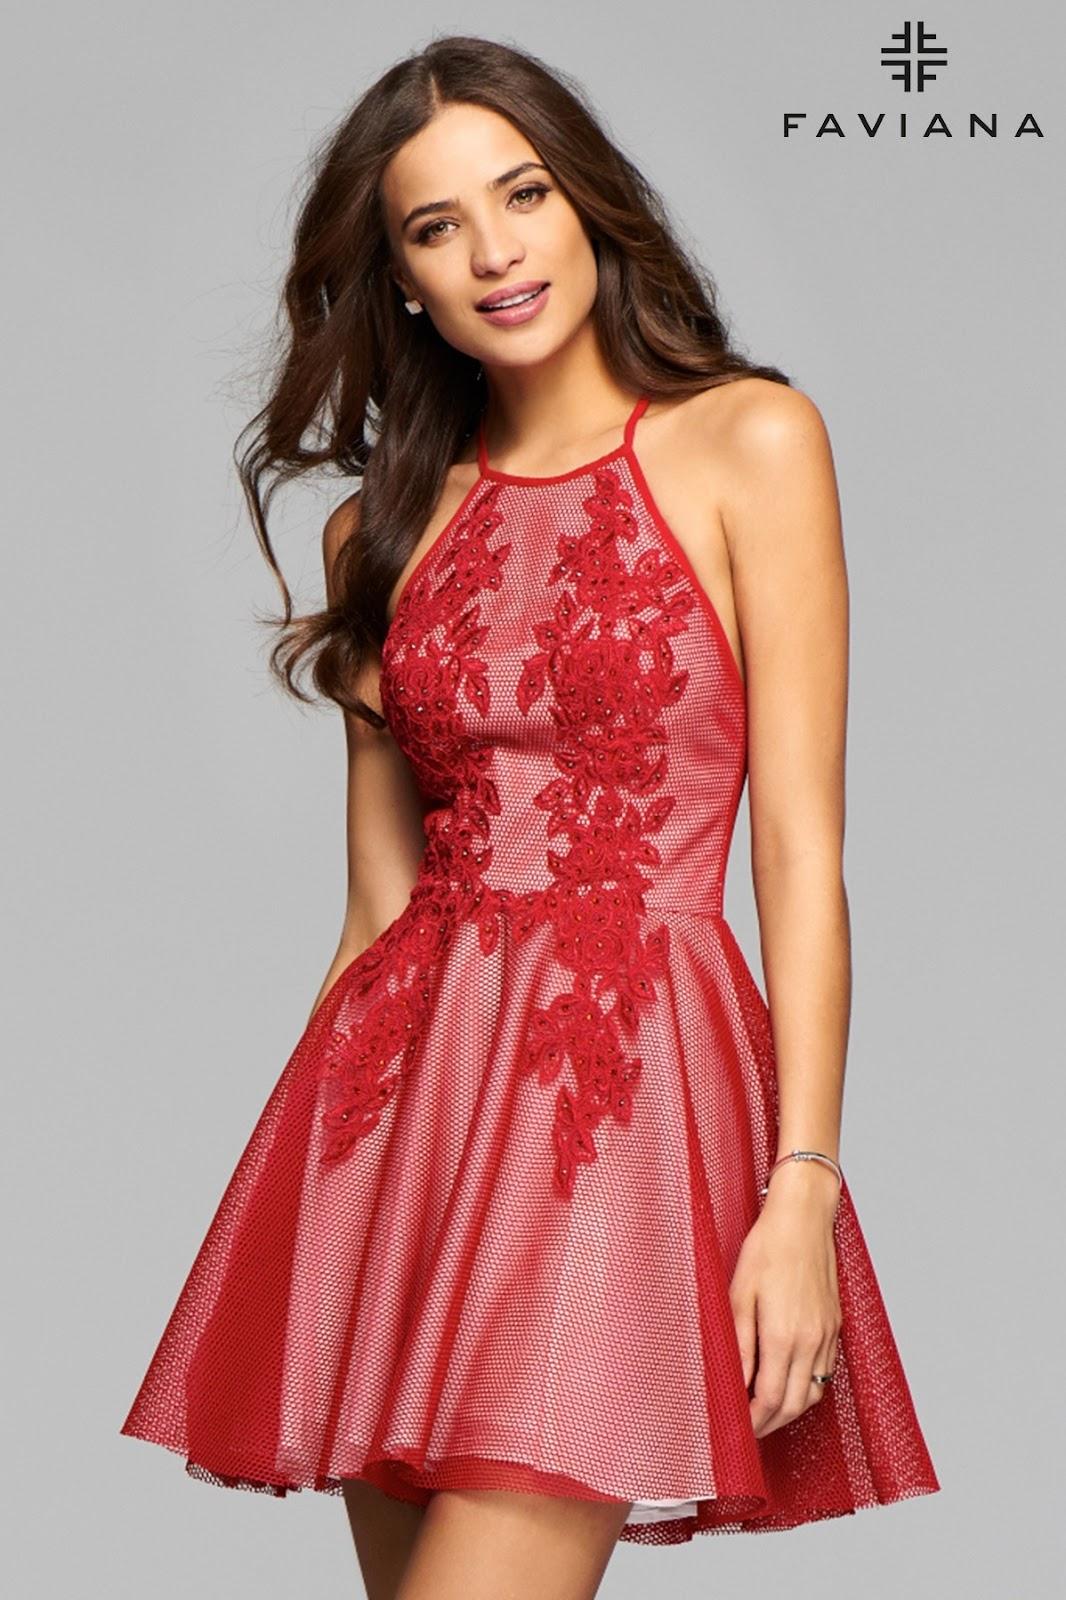 Vestido gris. Indudablemente este hermoso modelo de vestido corto de moda es el más podemos destacar. Es de un tono gris elegante y moderno, perfectamente complementado con un detalle brillante en la zona del lado izquierdo del vestido.